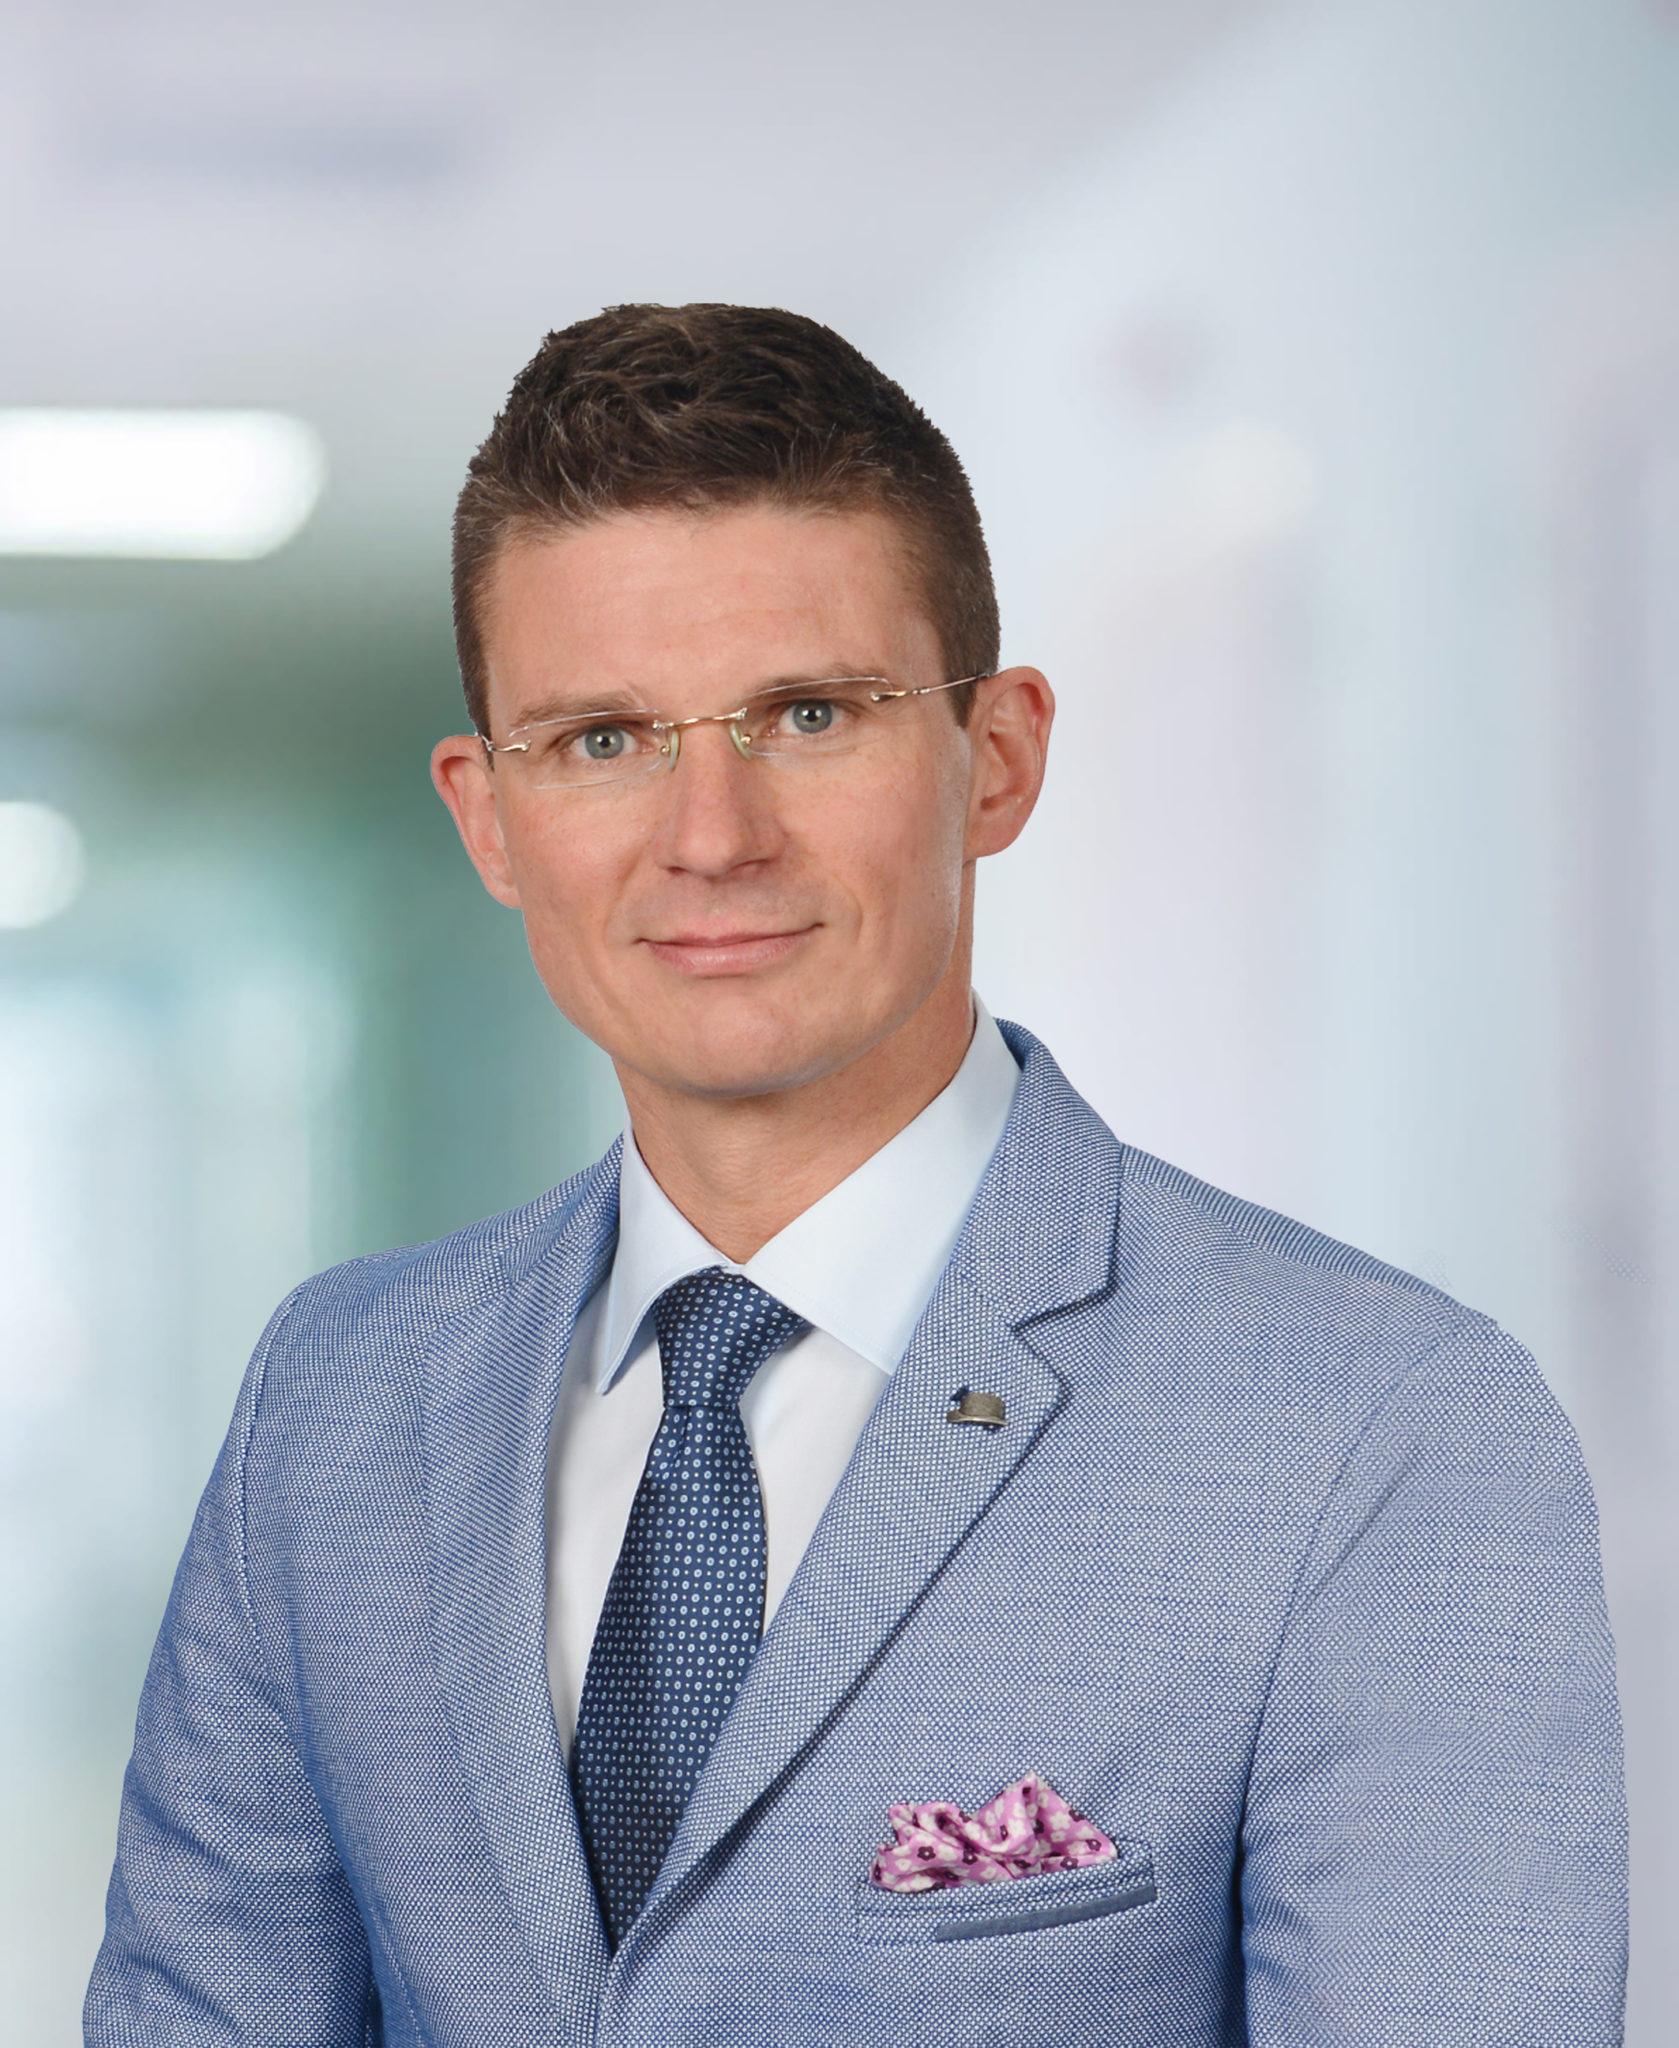 W Carolina Medical Center w Gdańsku przyjmuje dr n. med. Dawid Mrozik - chirurg ręki.